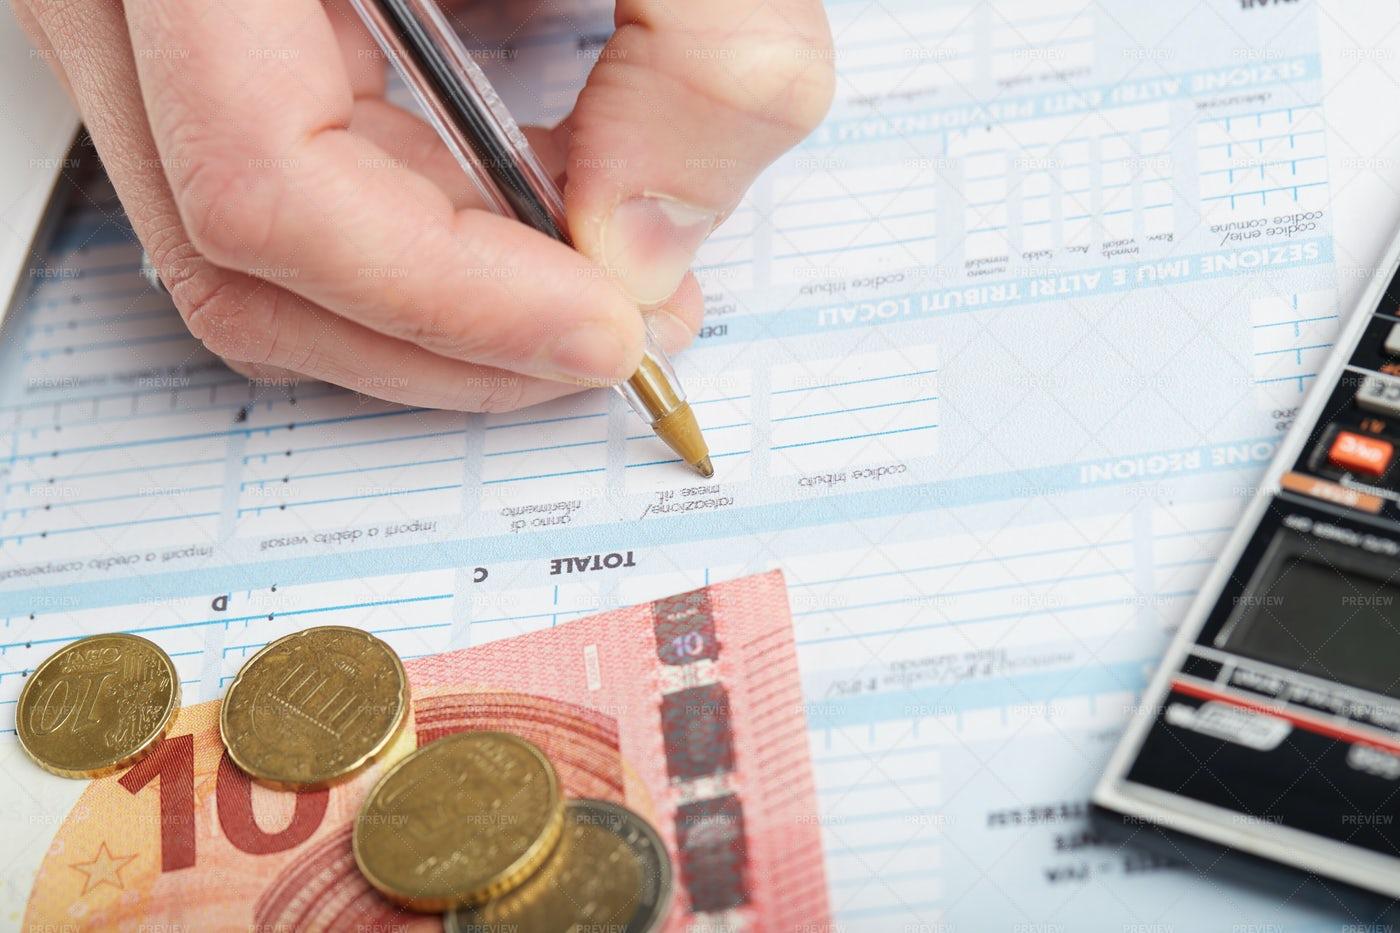 Preparing Taxes: Stock Photos